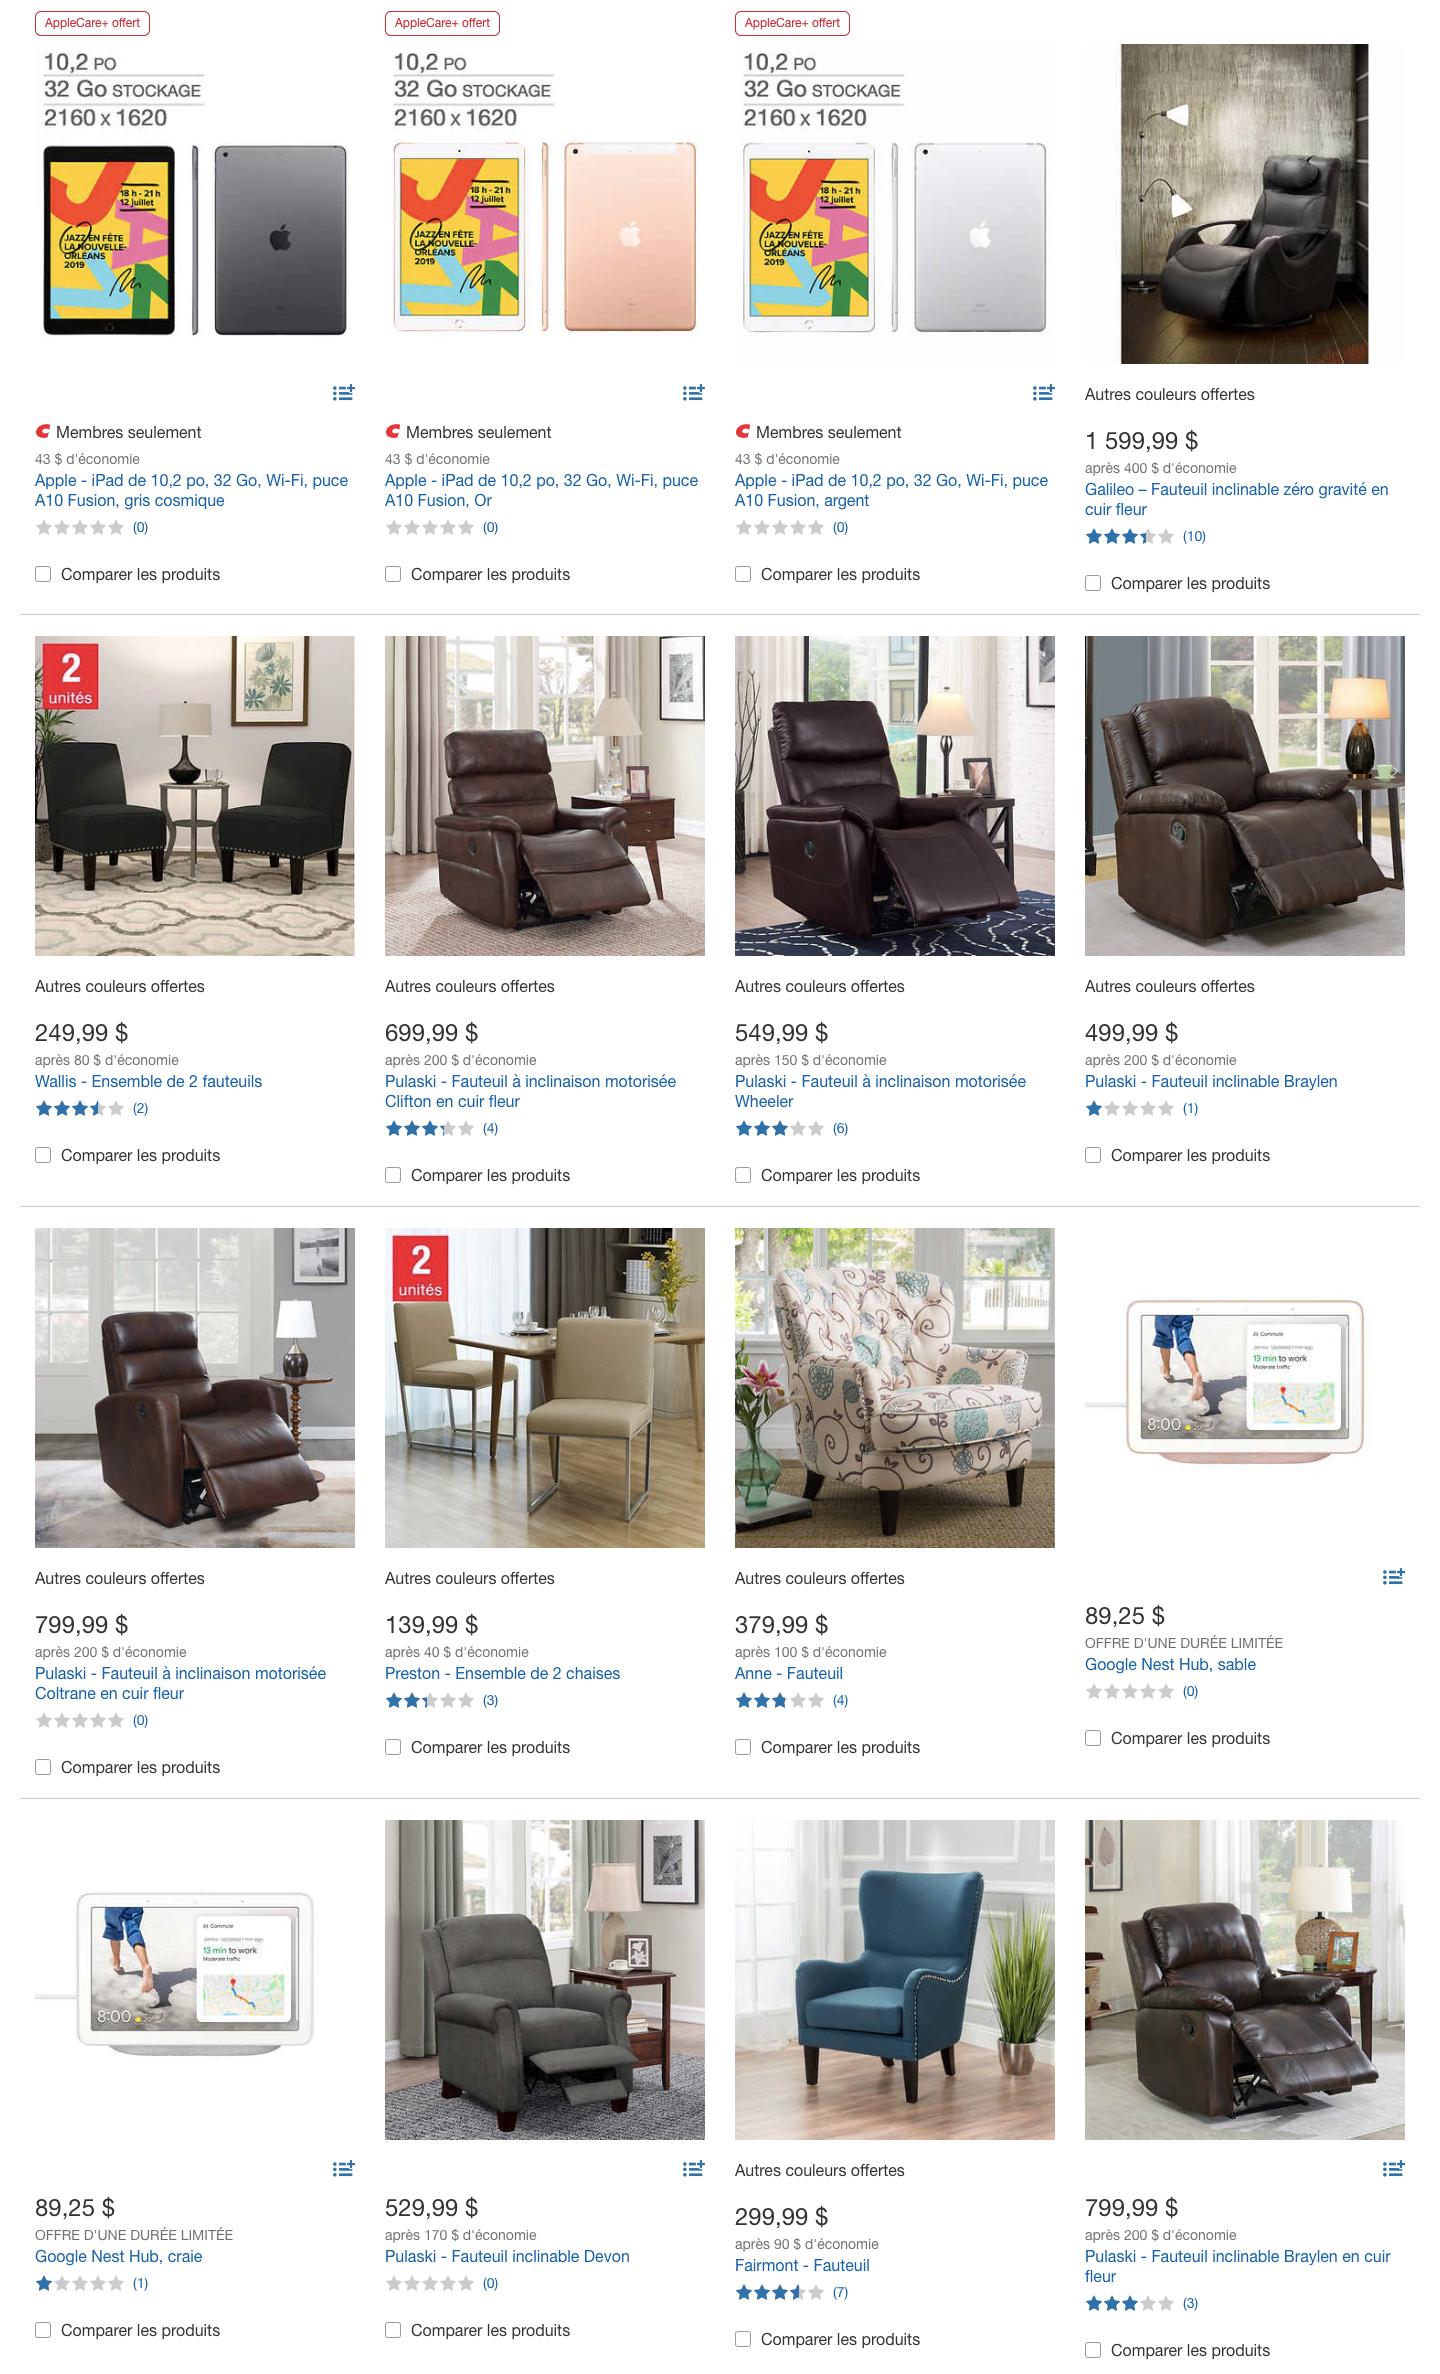 Rabais en ligne sur le site web de Costco dans le cadre de la vente du Boxing Day.